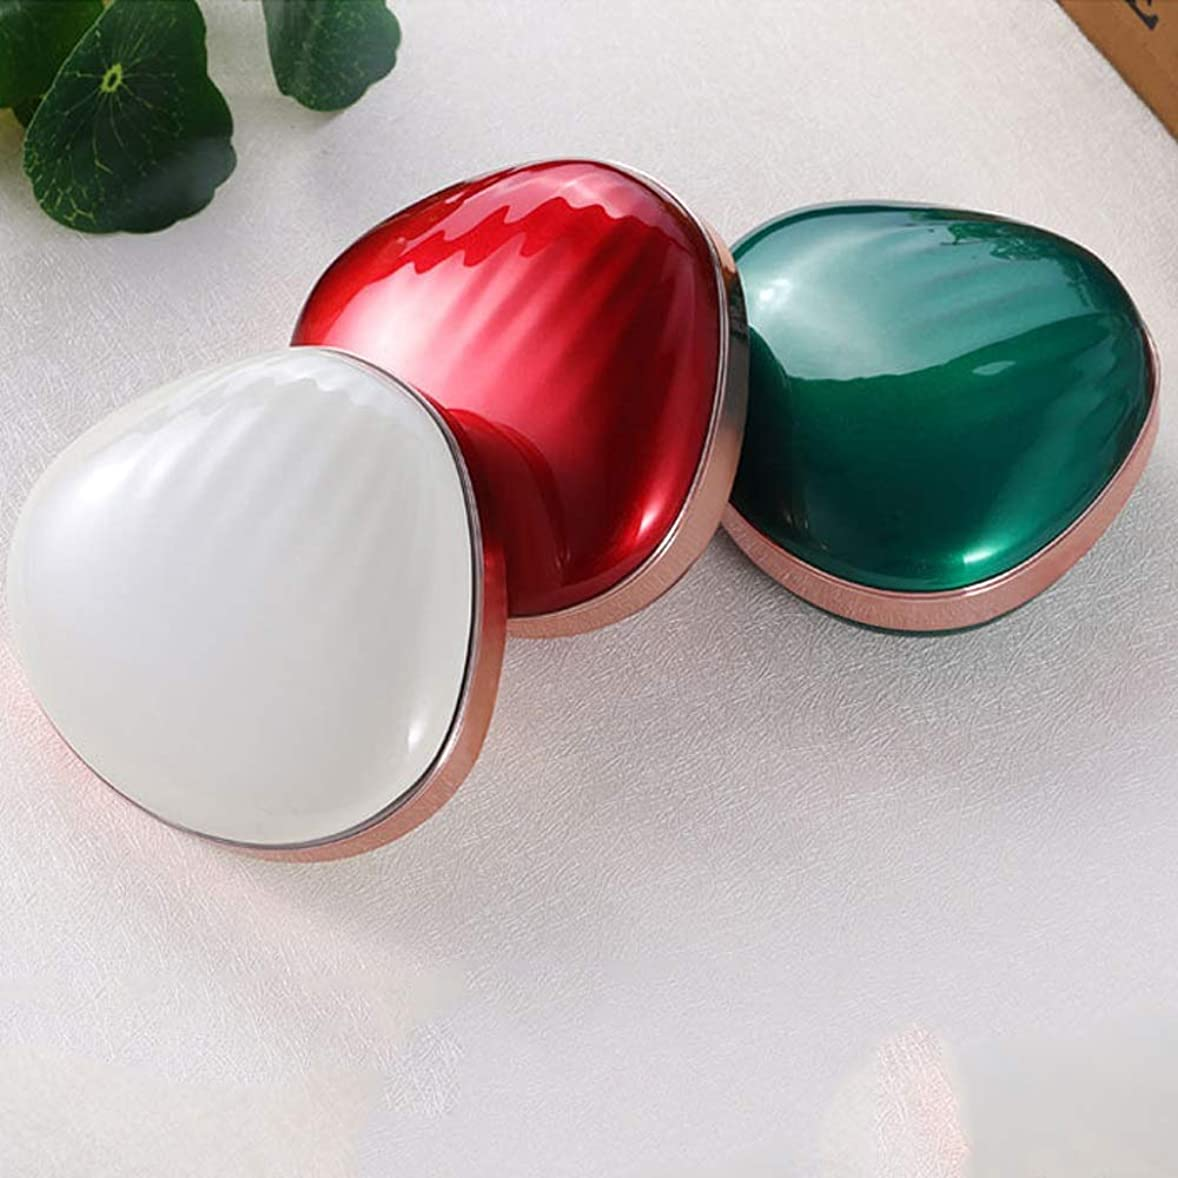 同盟モーションジャーナリスト流行の 新しいクリエイティブLEDソフトアイメイクミラー多機能塗りつぶし充電宝メイクアップミラー美容ミラーABSアルミ3レッドブルーホワイト (色 : Green)